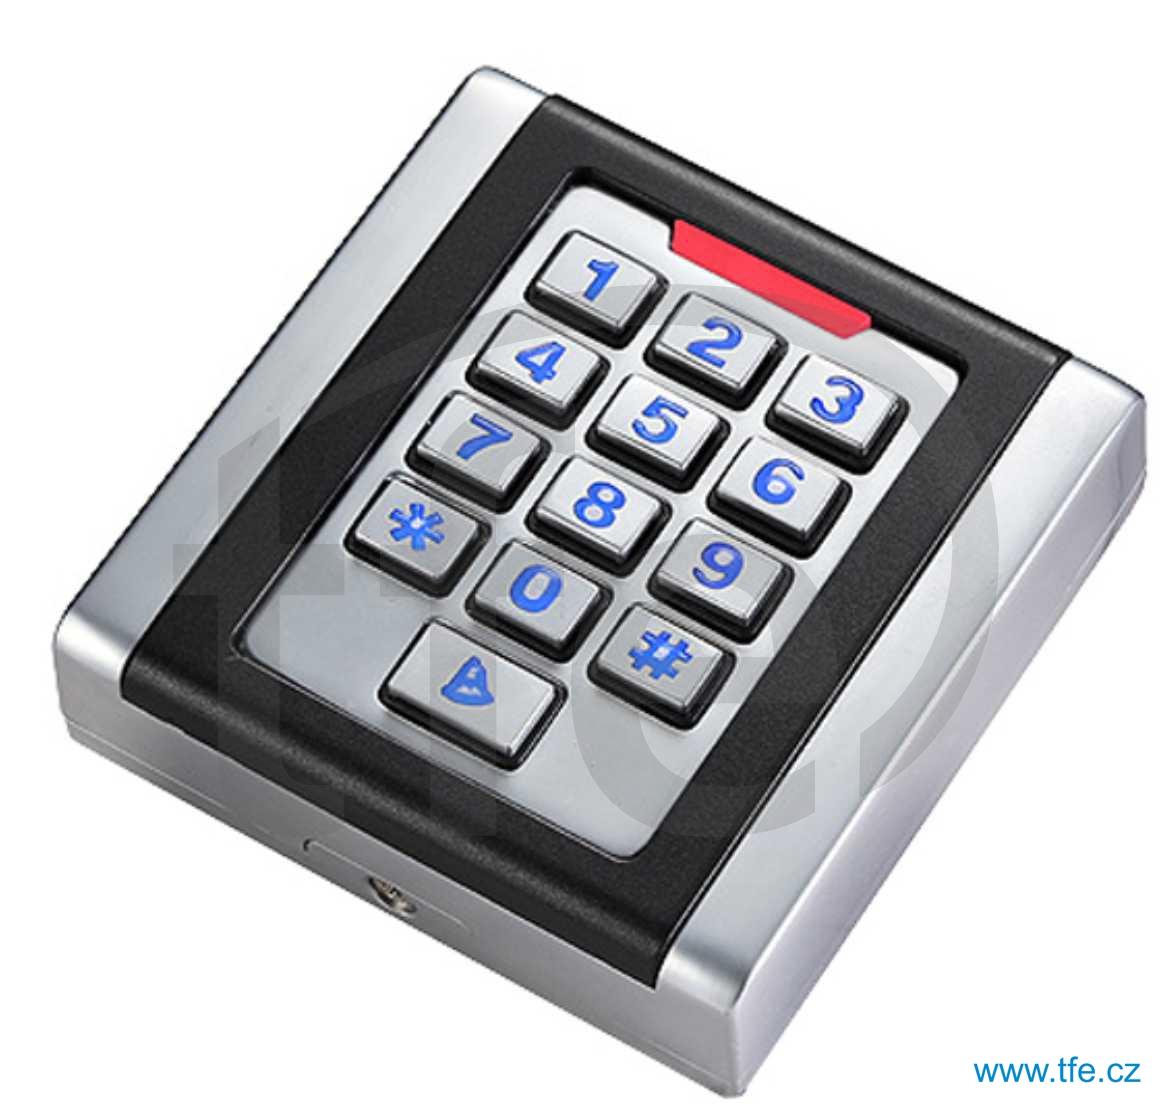 Venkovní přístupový systém s klávesnicí a čtečkou RFID ACK5W